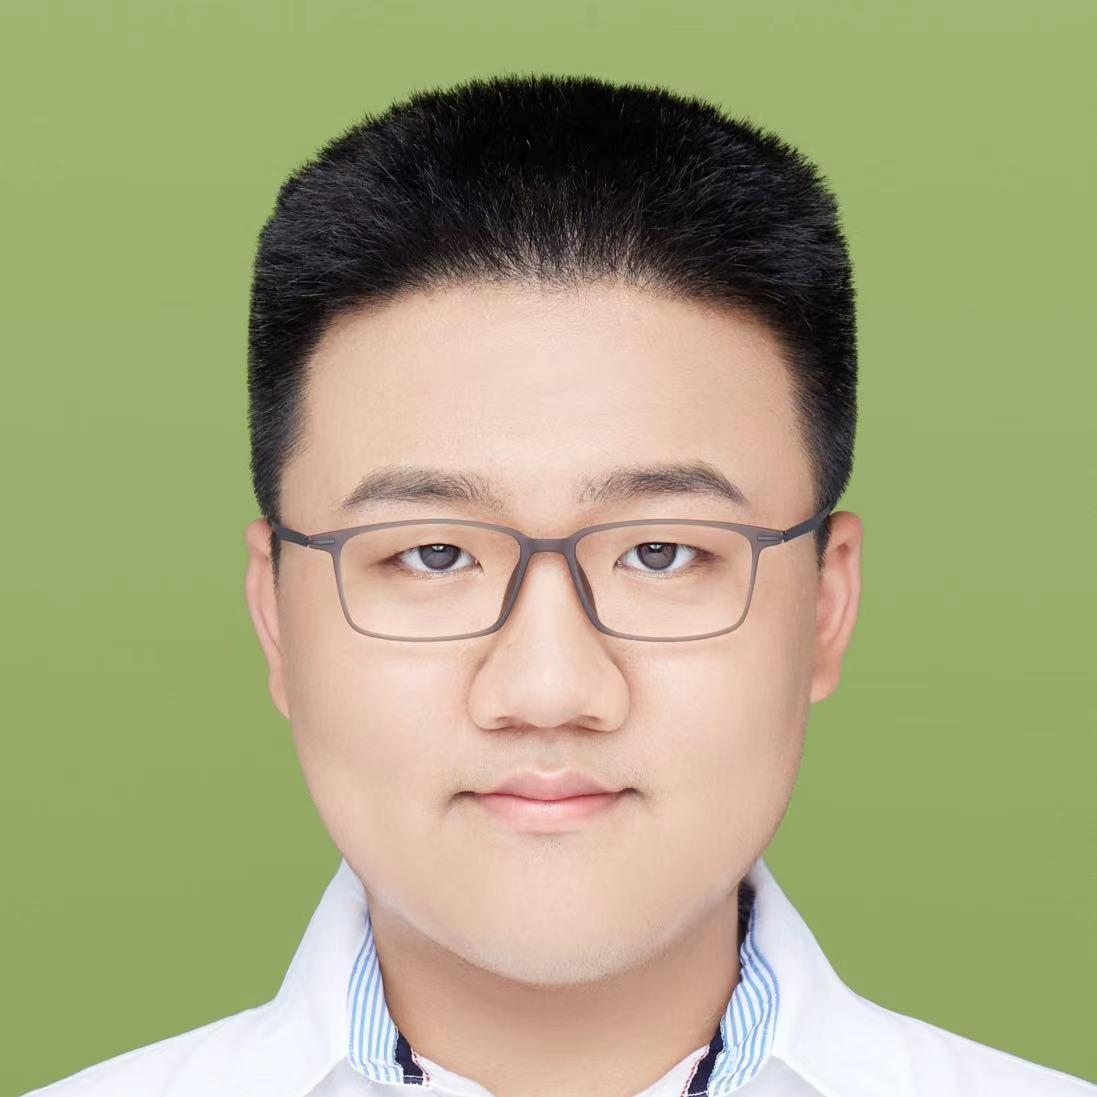 宁波家教施教员